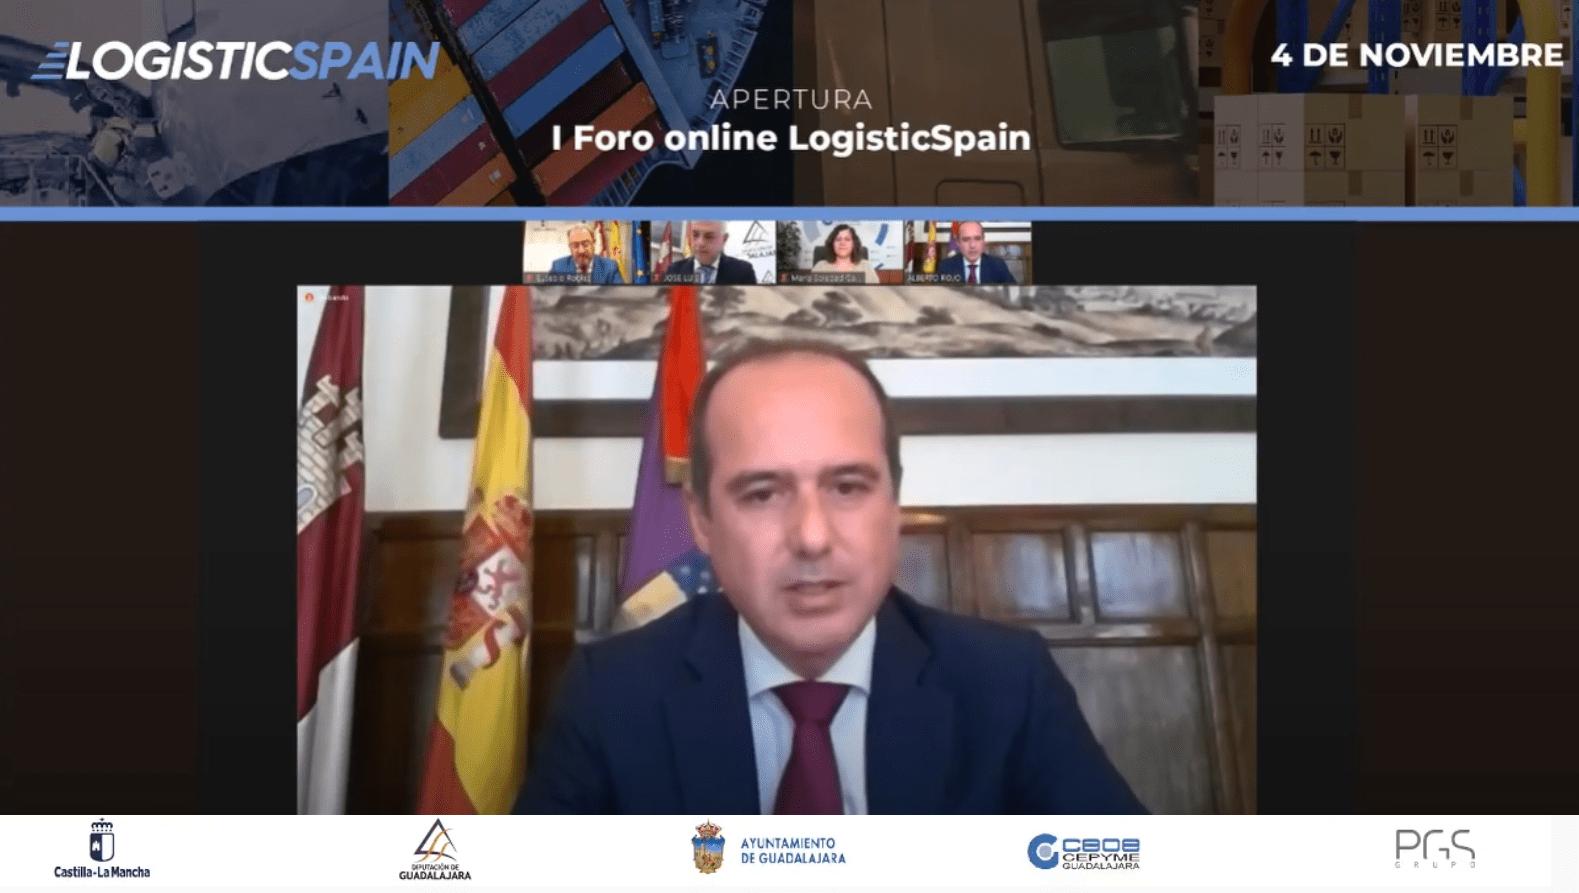 """Rojo: """"La feria internacional de la logística será el escaparate perfecto en el que consolidarnos como una referencia mundial en el sector"""""""